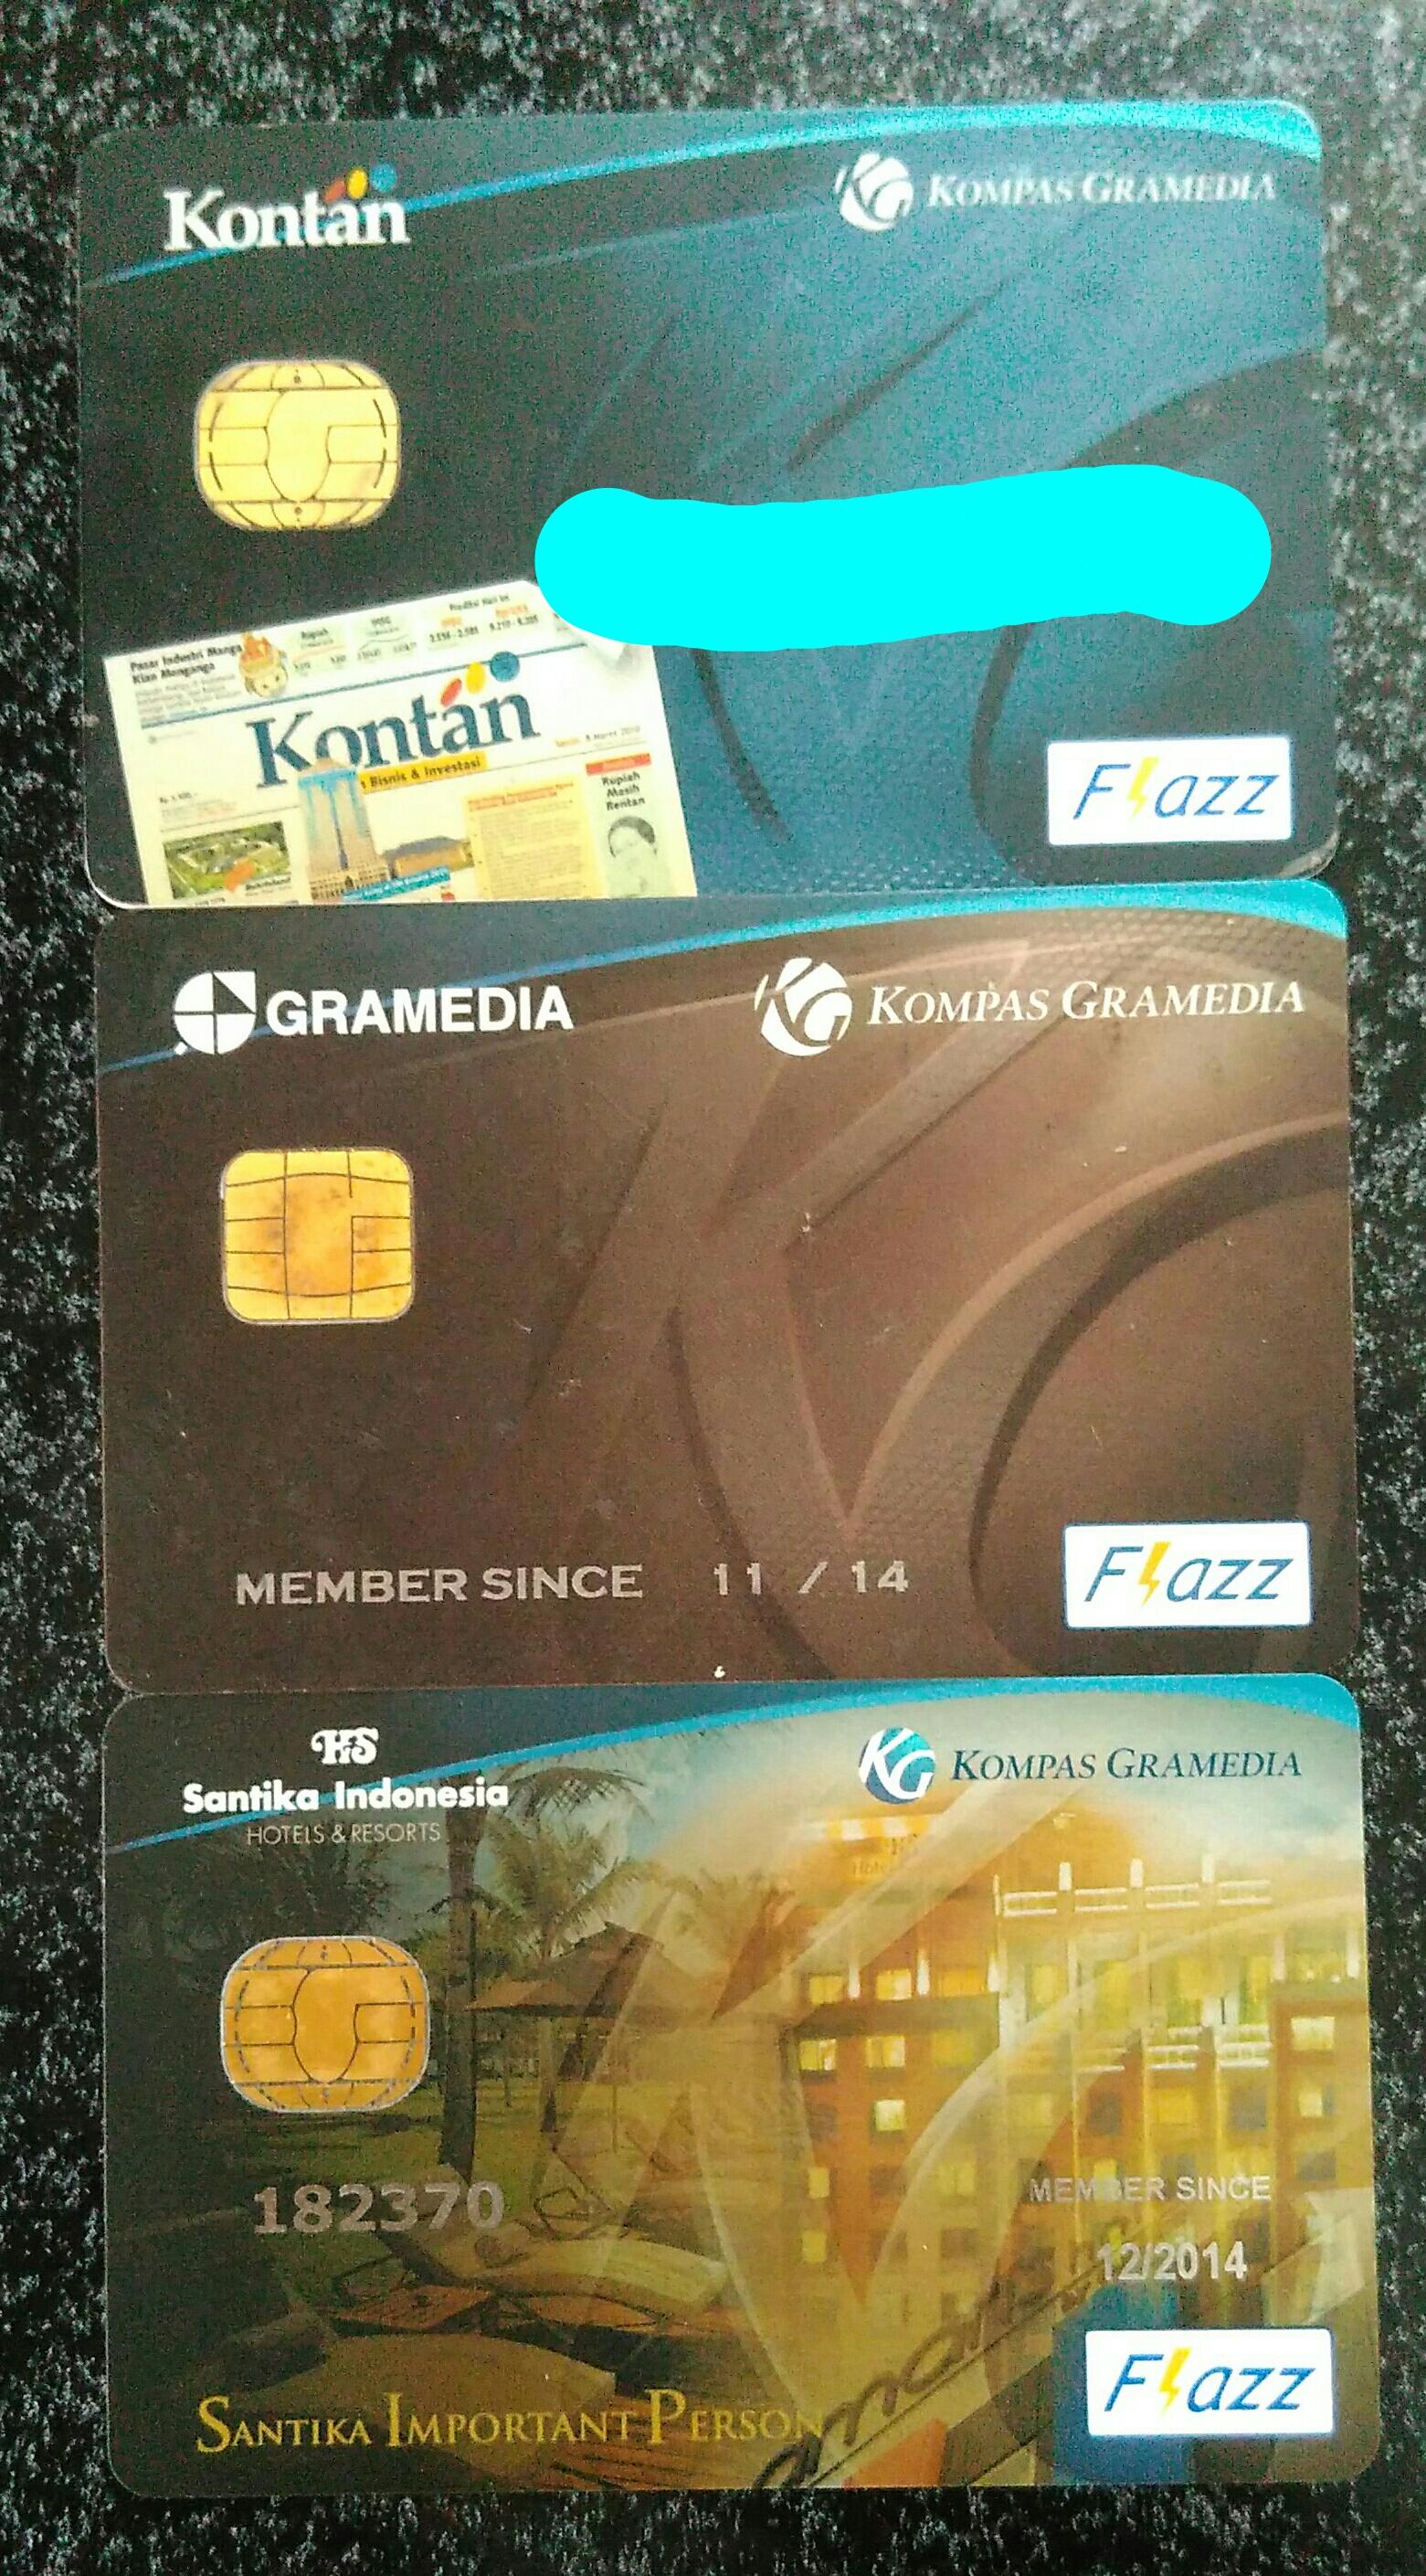 Transaksi Lebih Mudah Dengan Flazz Bca Asambackpacker01s Blog Kartu Berpartisipasi Dalam My Experience Competition